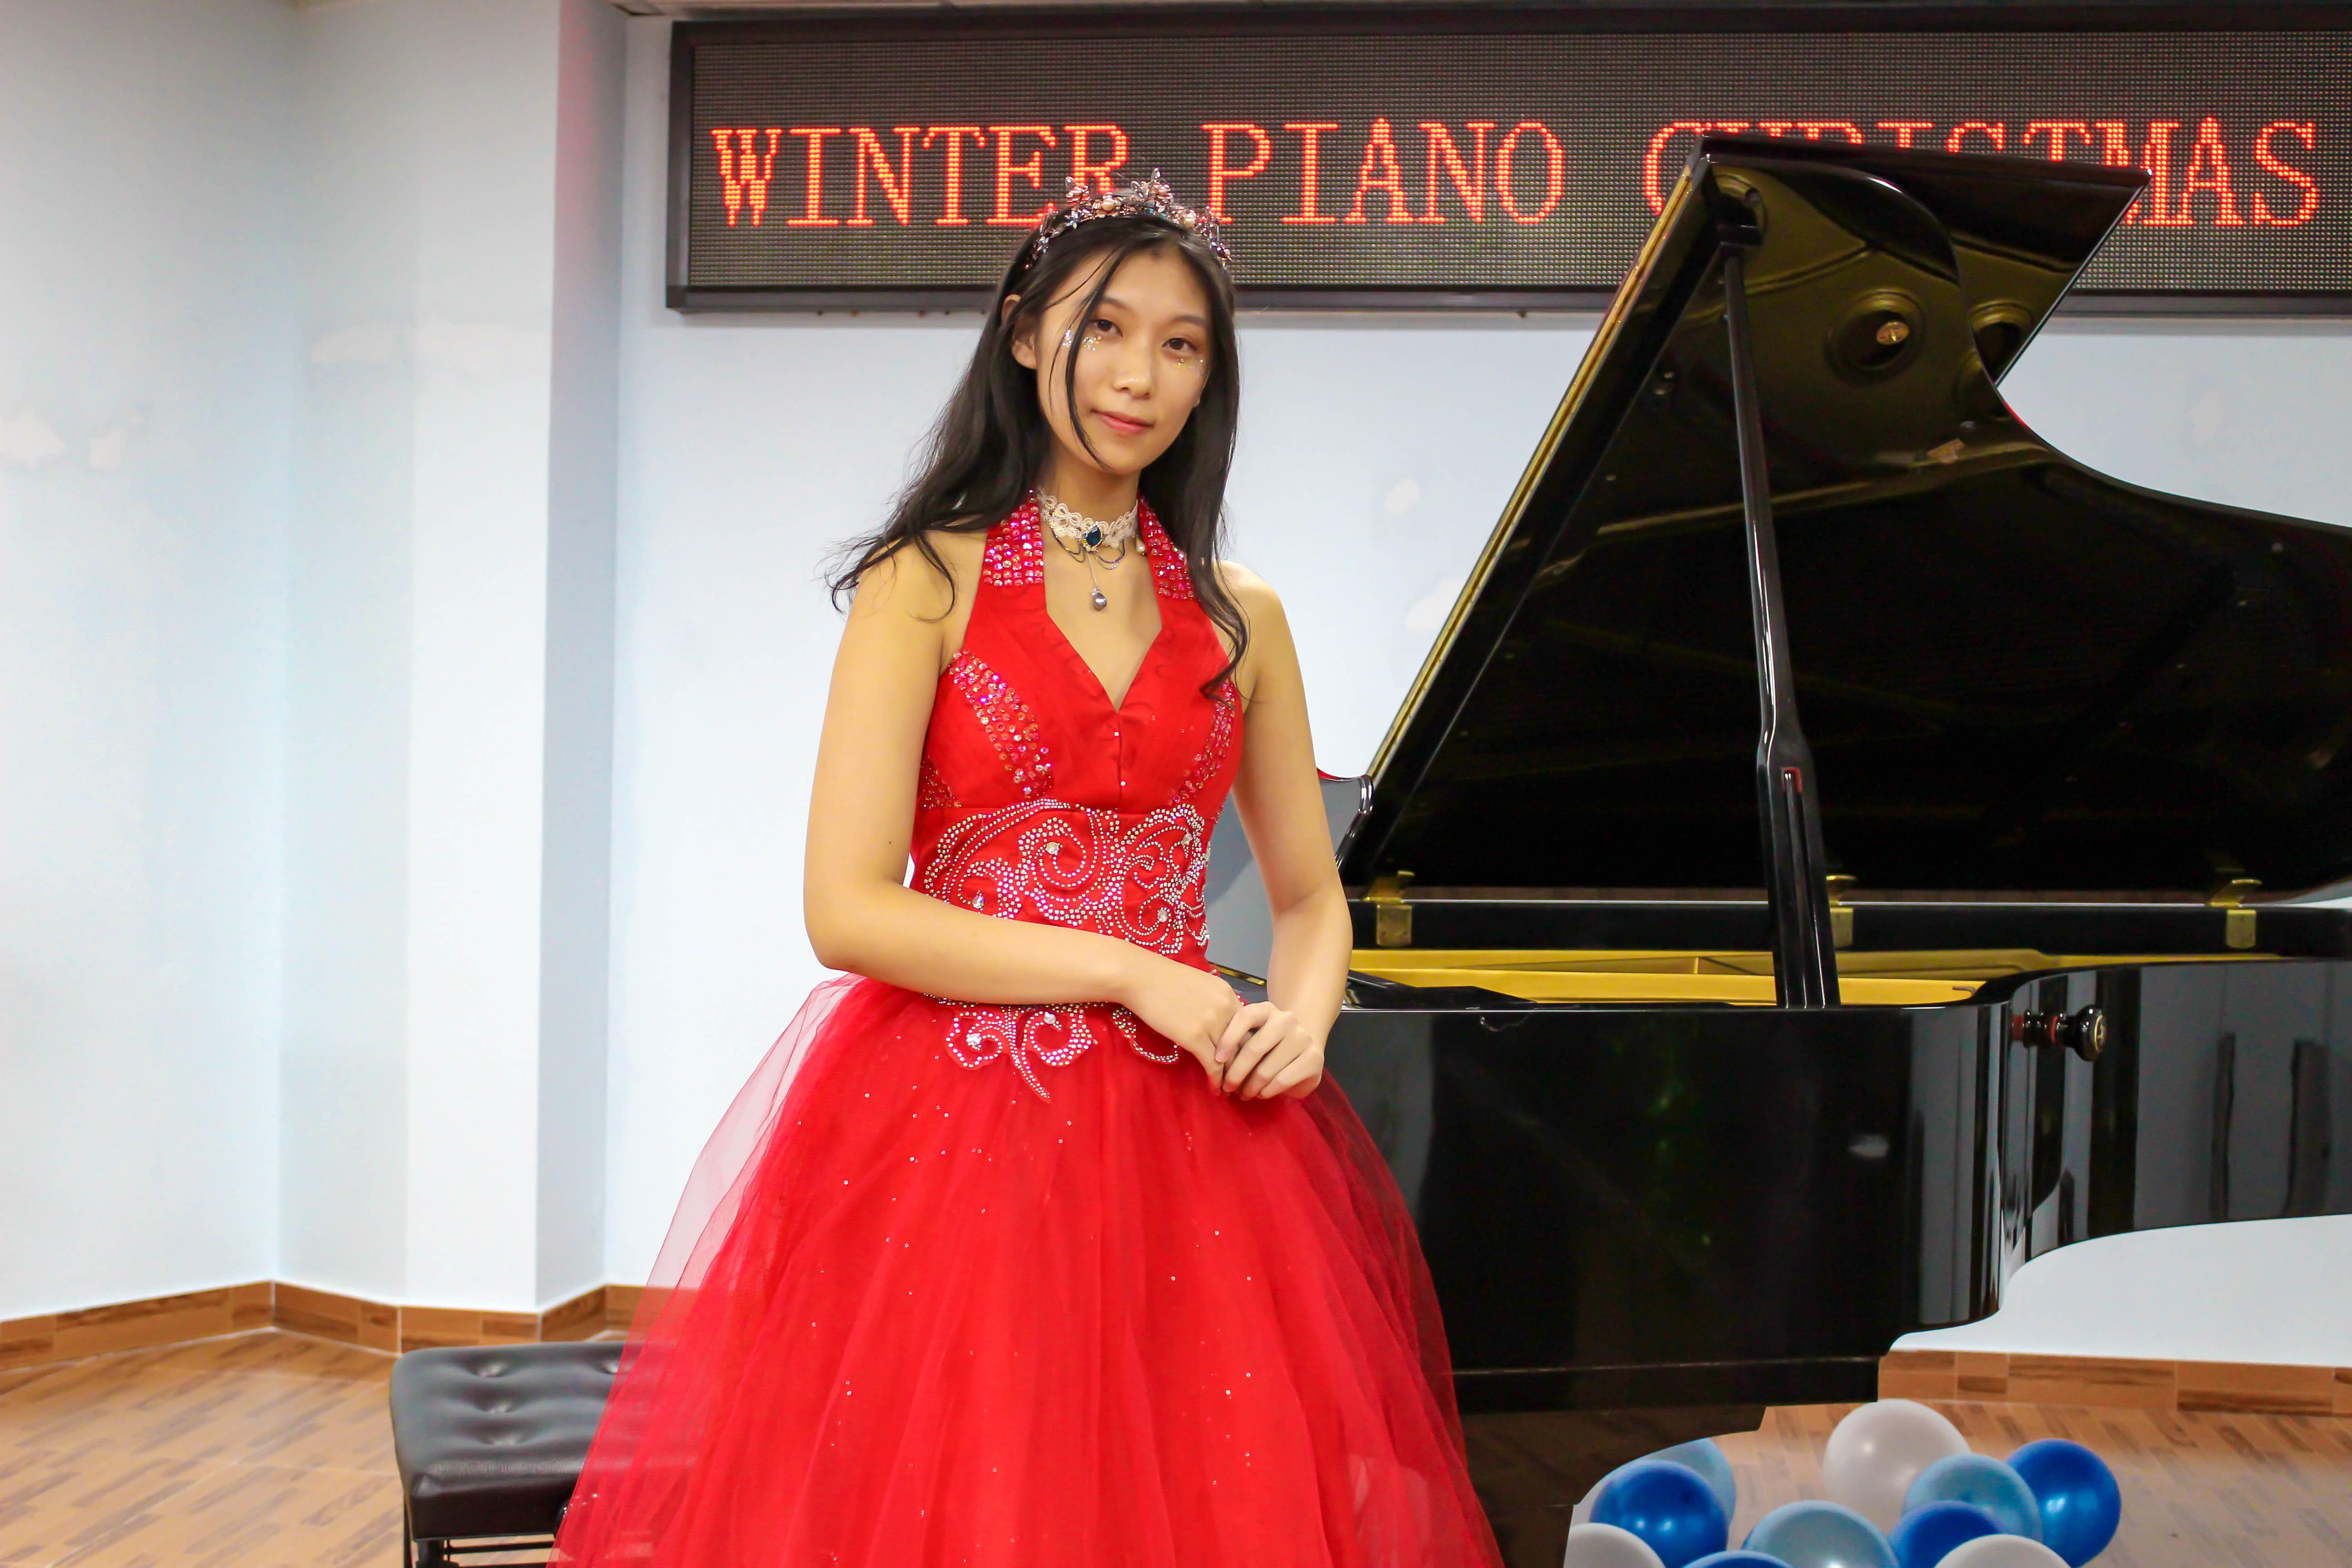 星海附中国际钢琴班优秀学员陶艺然专访:因为热爱所以坚持